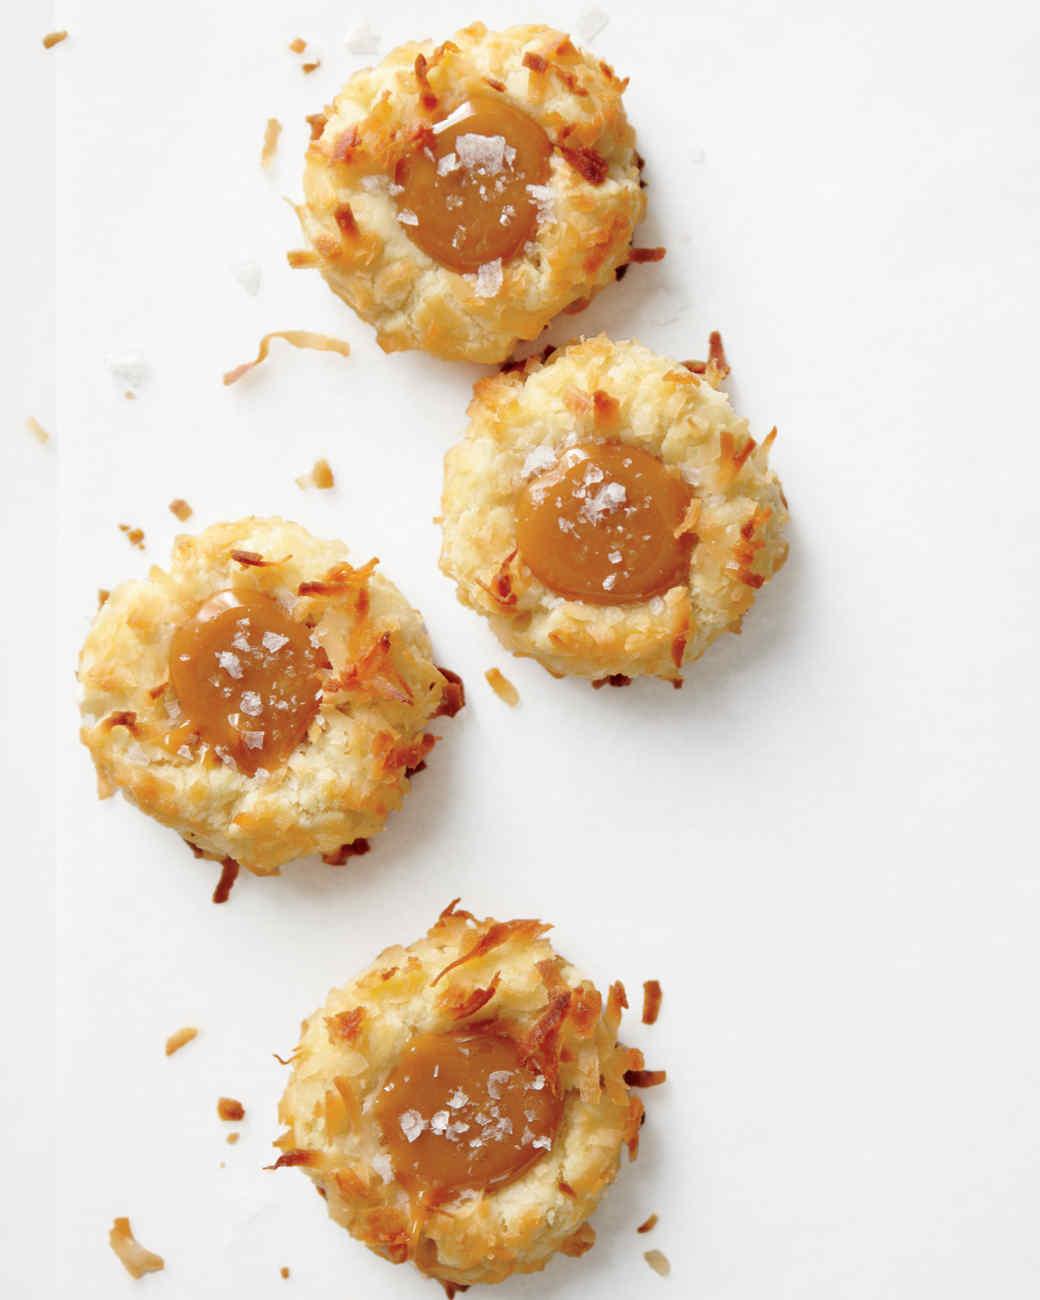 Caramel thumbprint cookie recipe